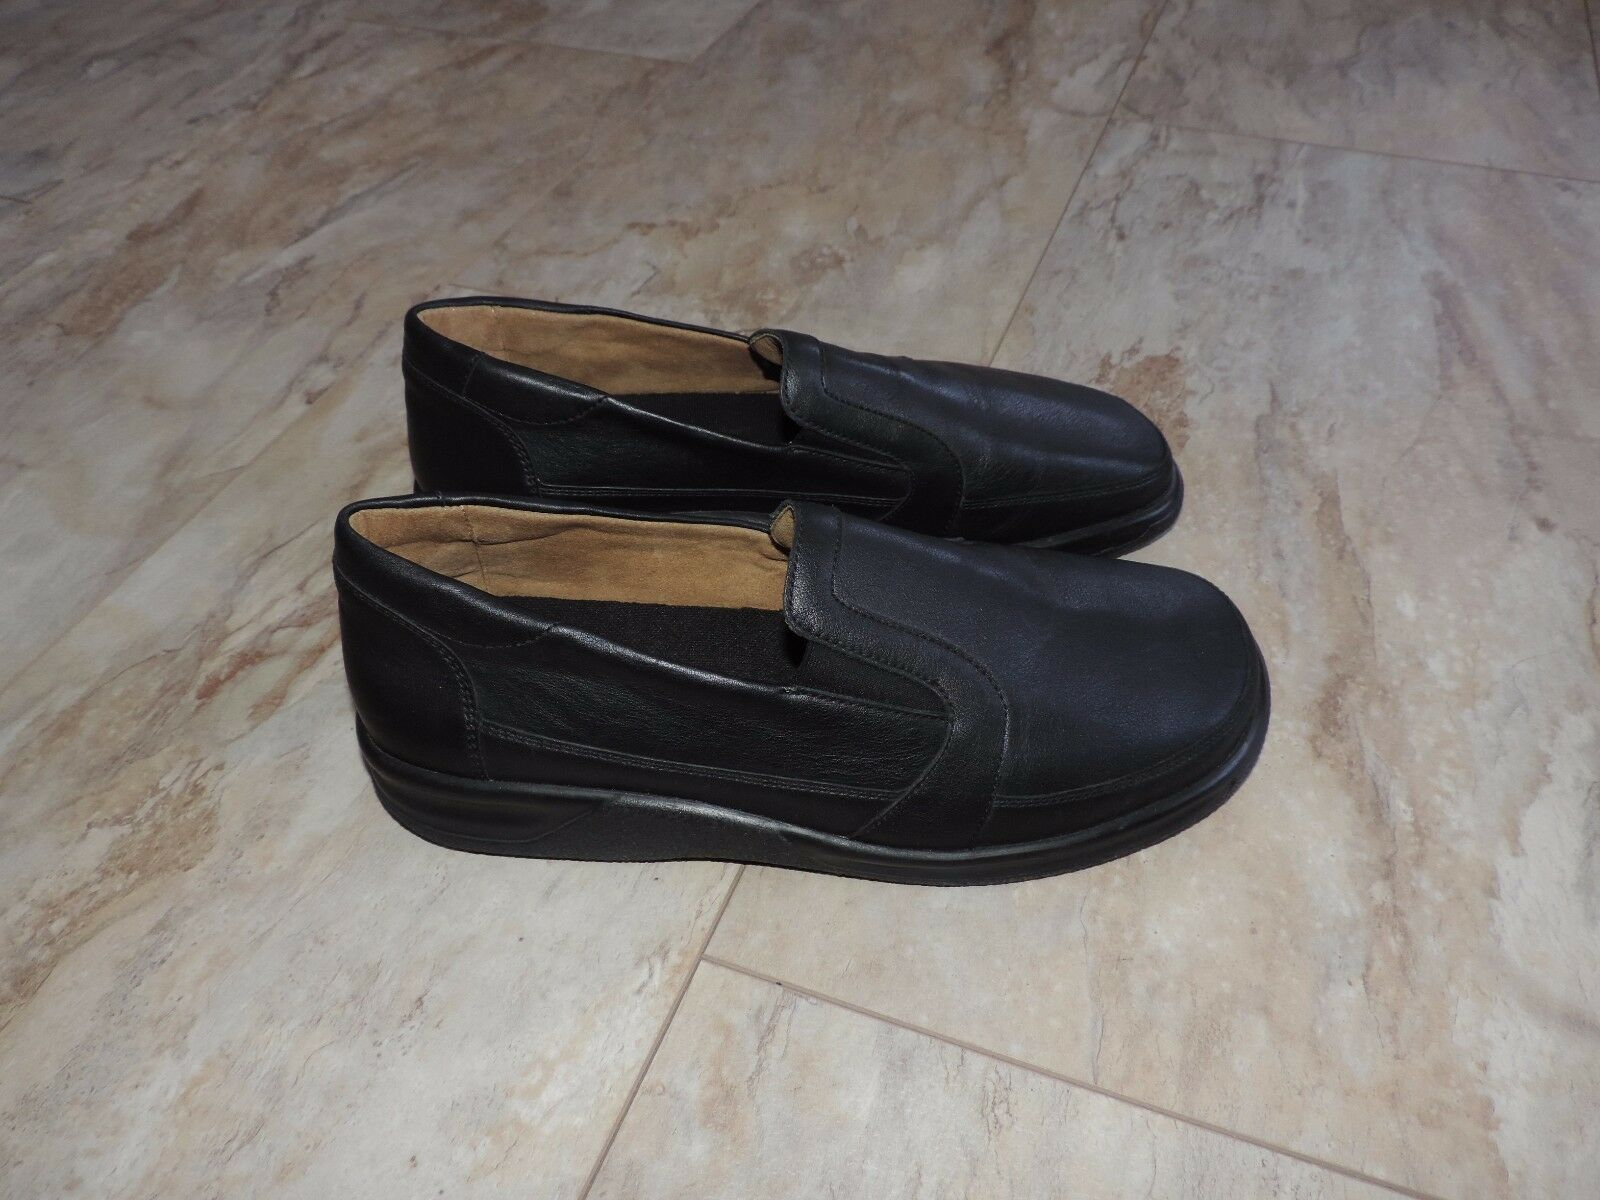 Ganter Herren Schuhe Gr. 42, neuw.